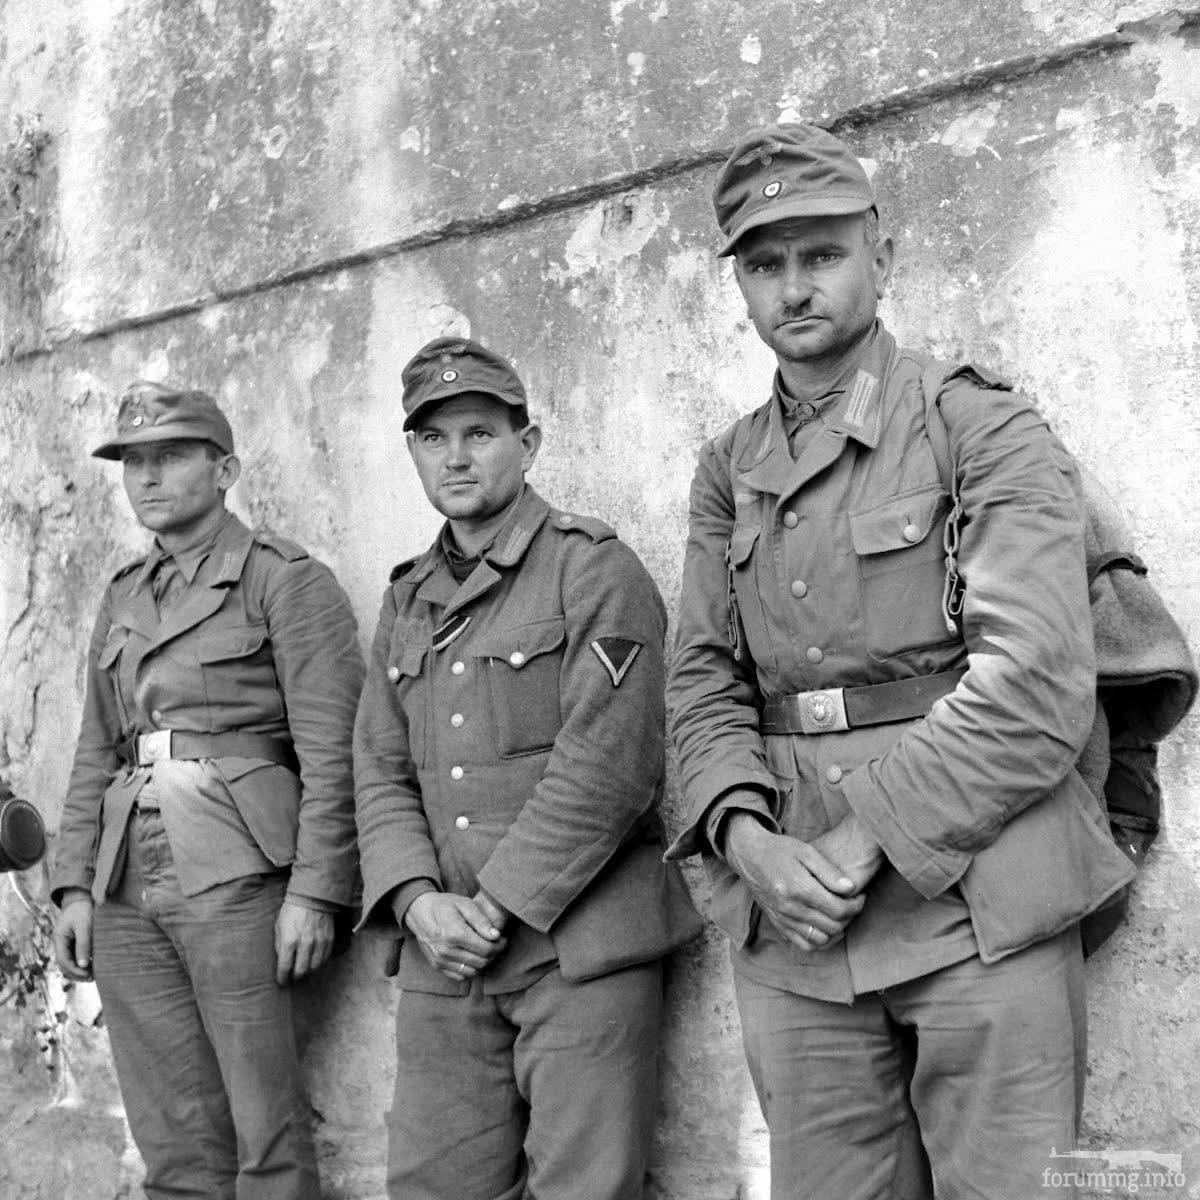 127542 - Военное фото 1939-1945 г.г. Западный фронт и Африка.